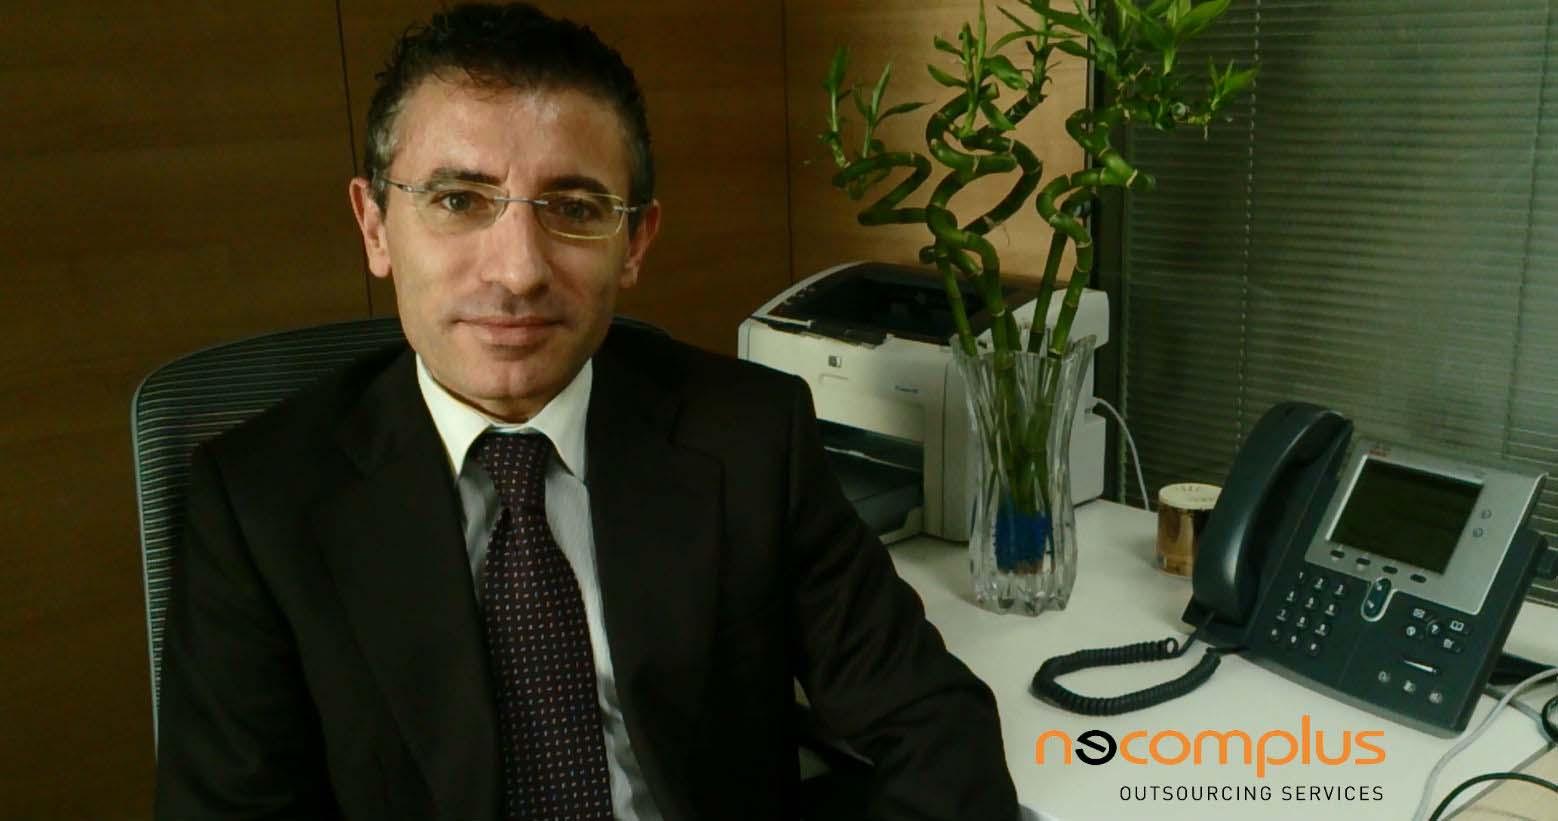 El CEO de Necomplus desvela su modelo de éxito en Economía 3